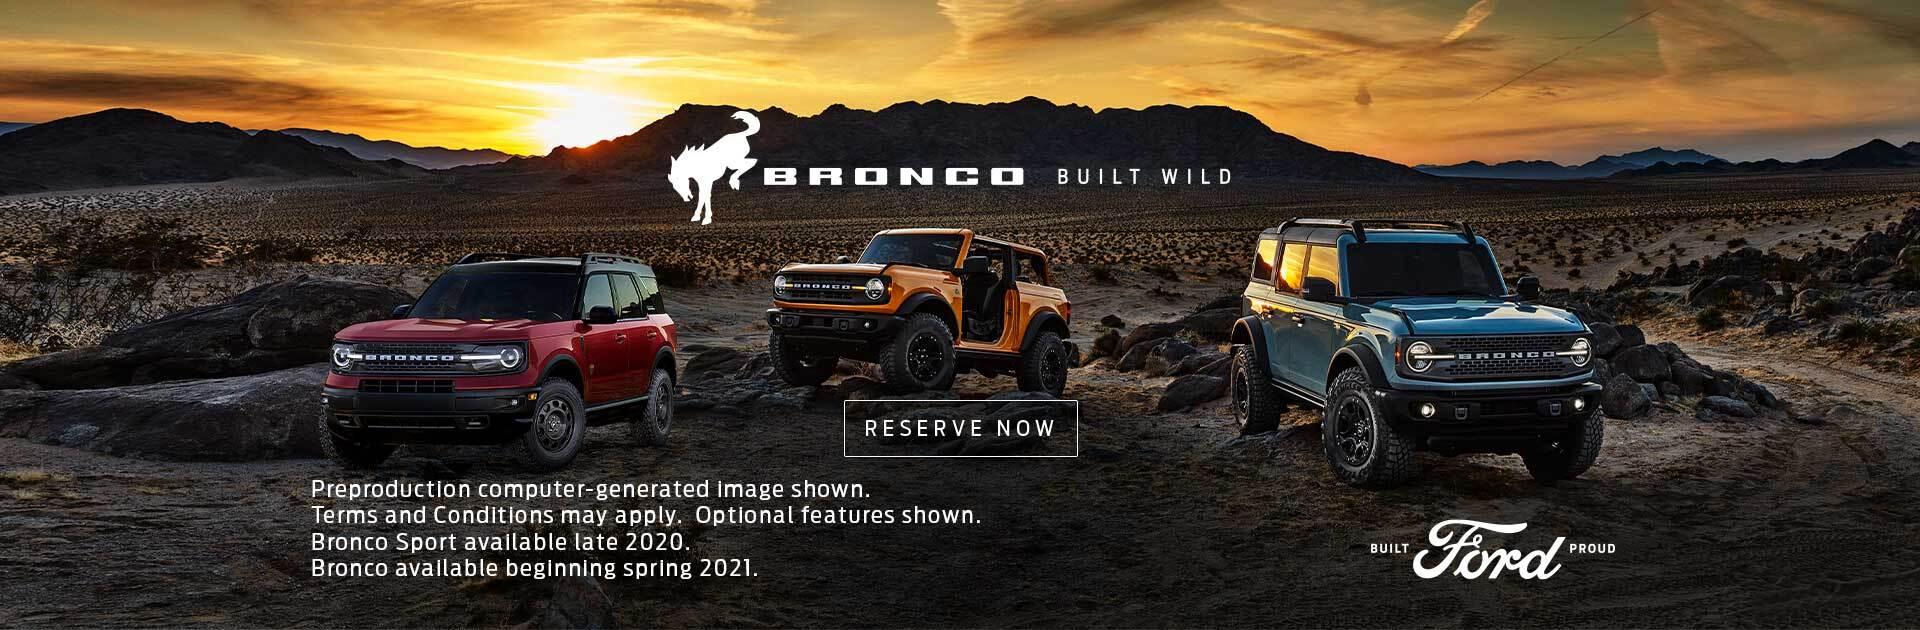 Bronco Reveal Dealercon 1920x630 V5